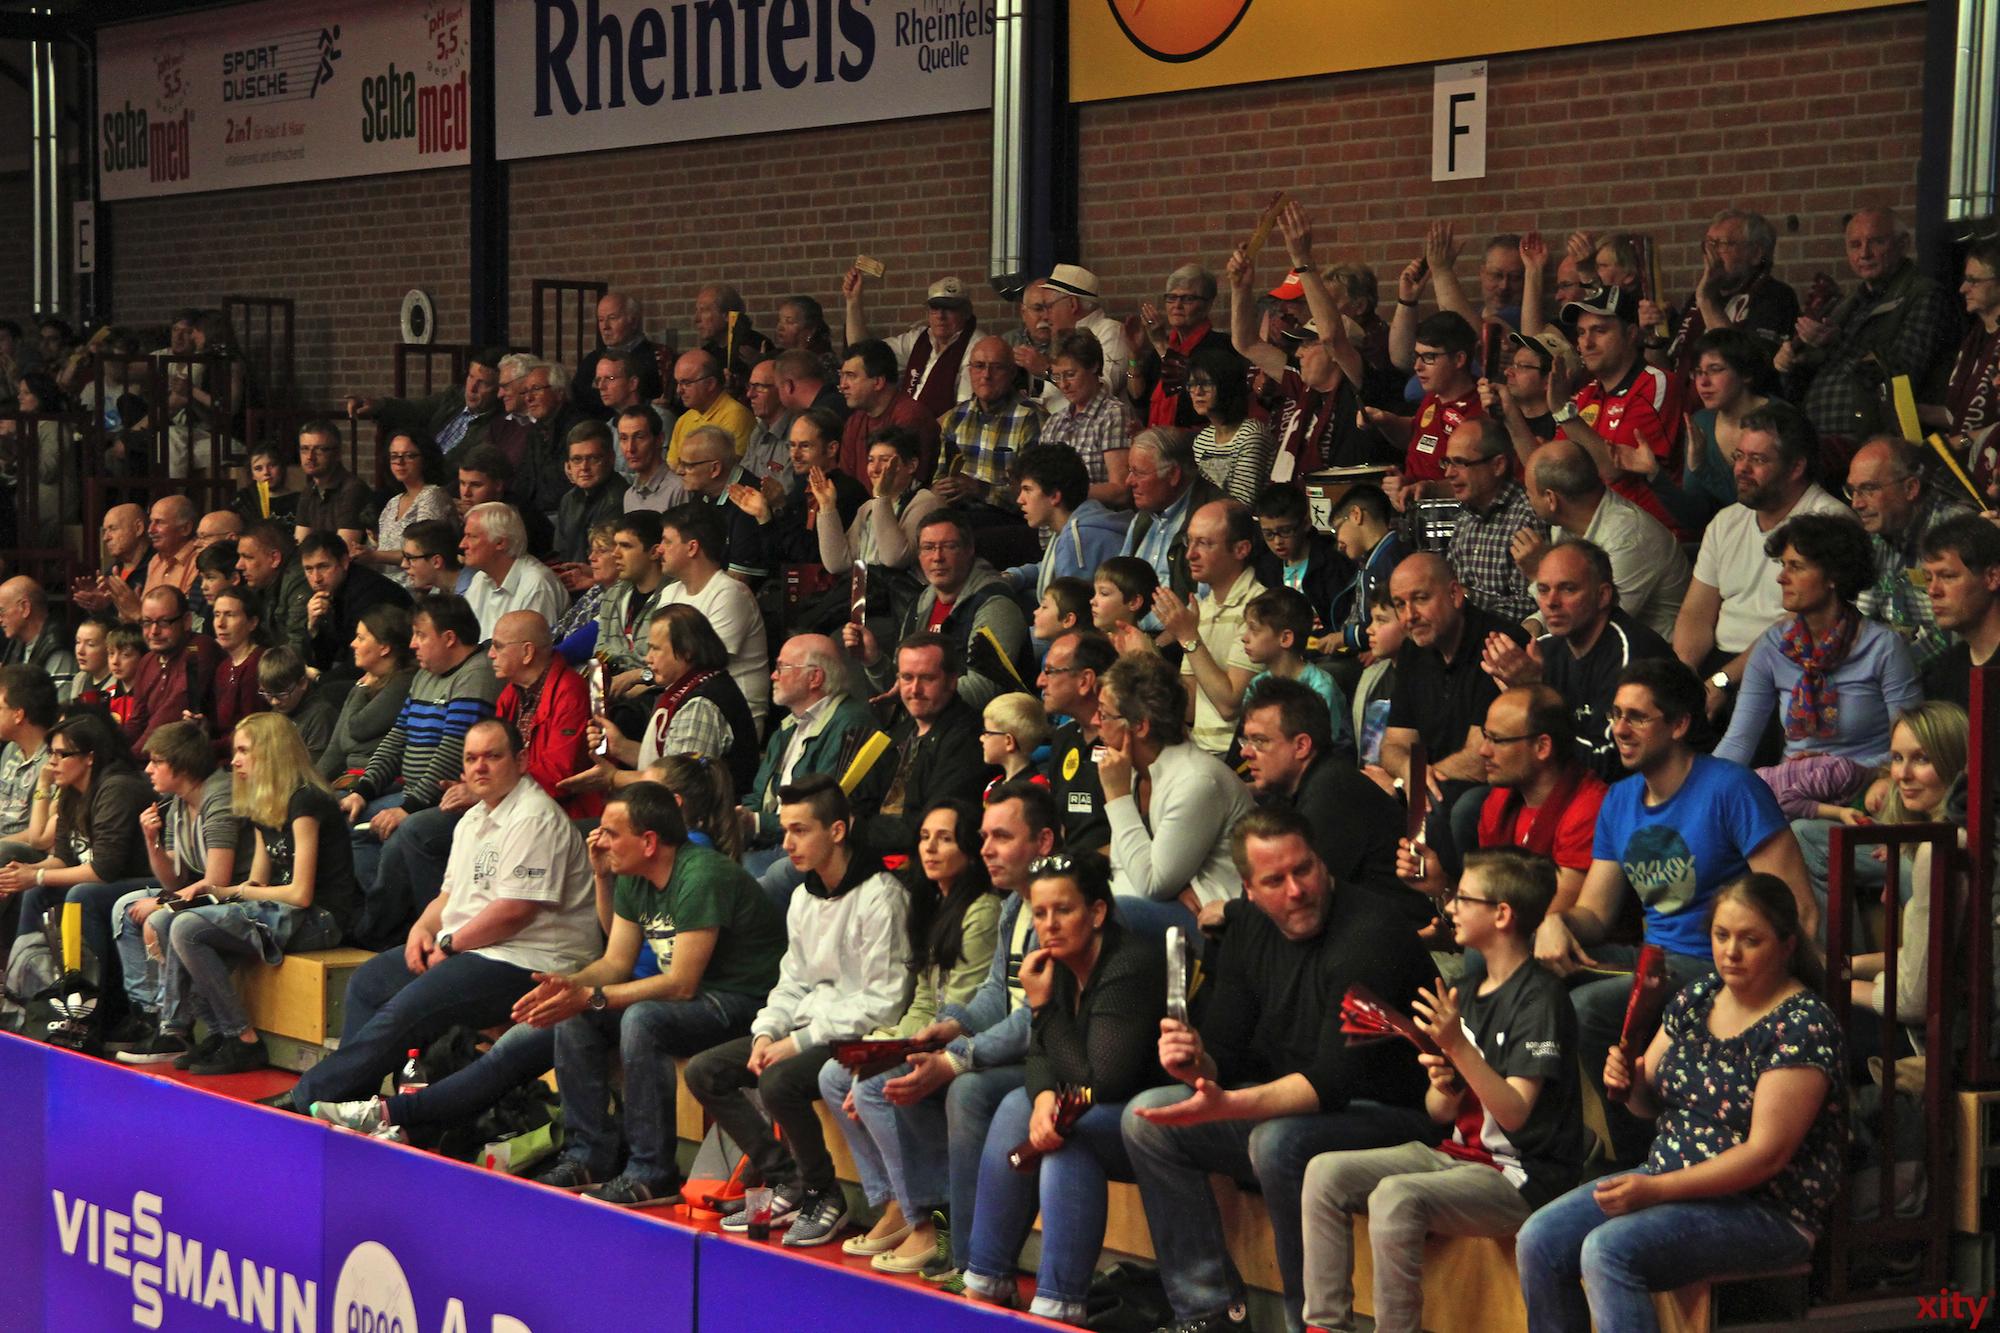 Das Publikum war begeistert (Foto: xity)